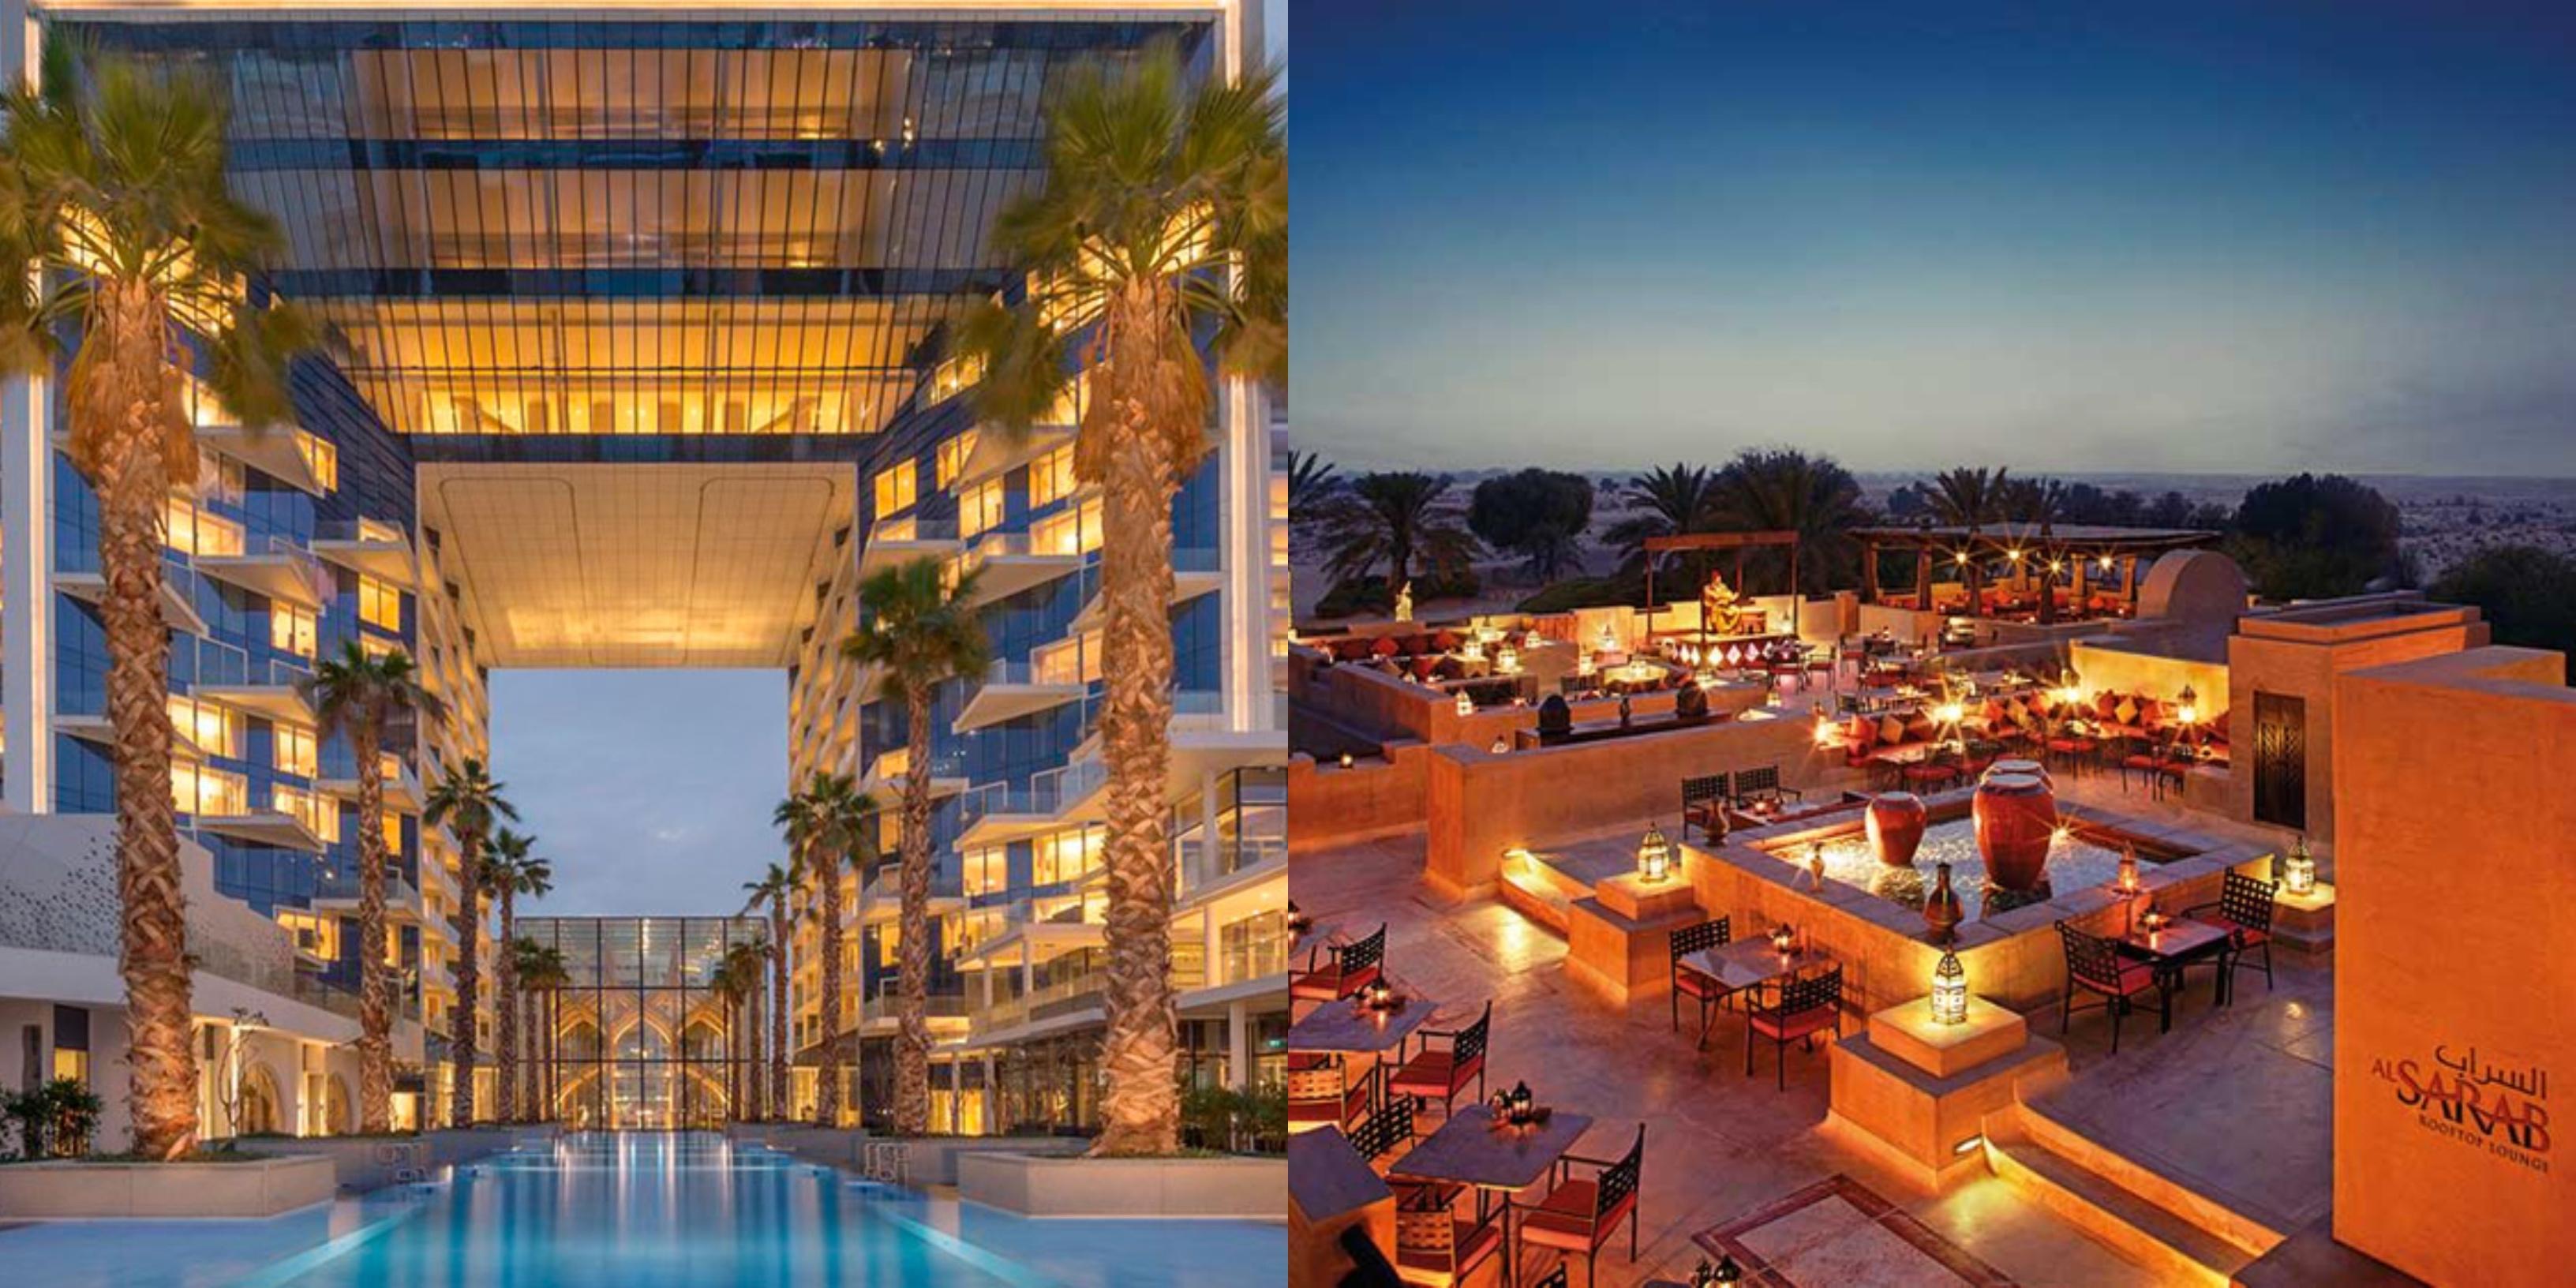 hai địa điểm du lịch nổi tiếng là khách sạn Five Palm Jumeirah và Bab Al Shams Sesert Resort & Spa